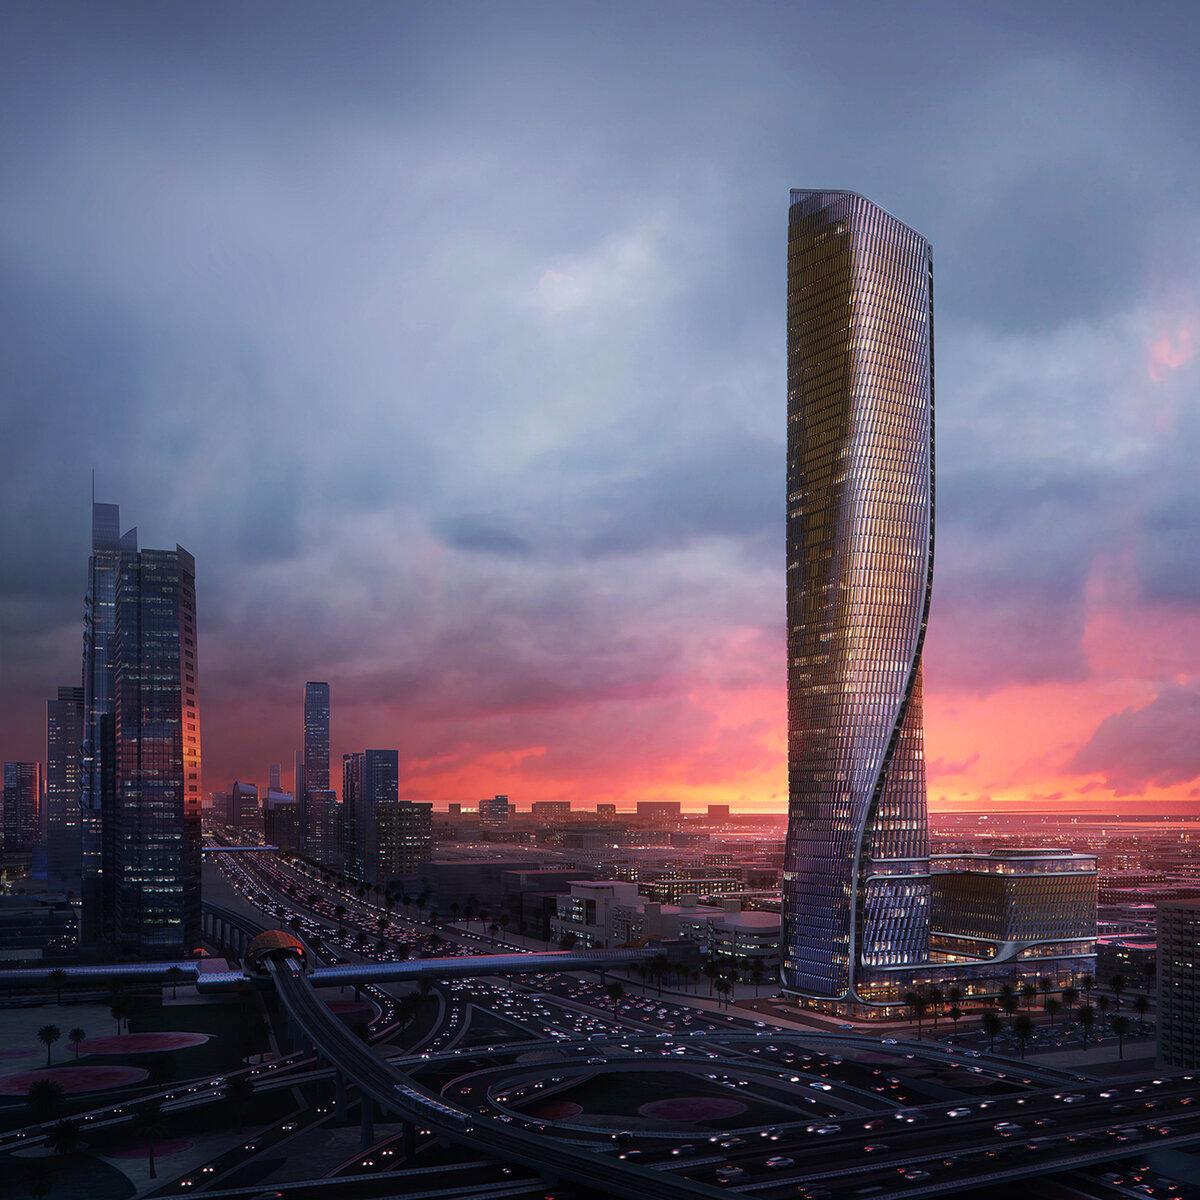 окружающей самые большие небоскребы картинки дополняет мебель классическом